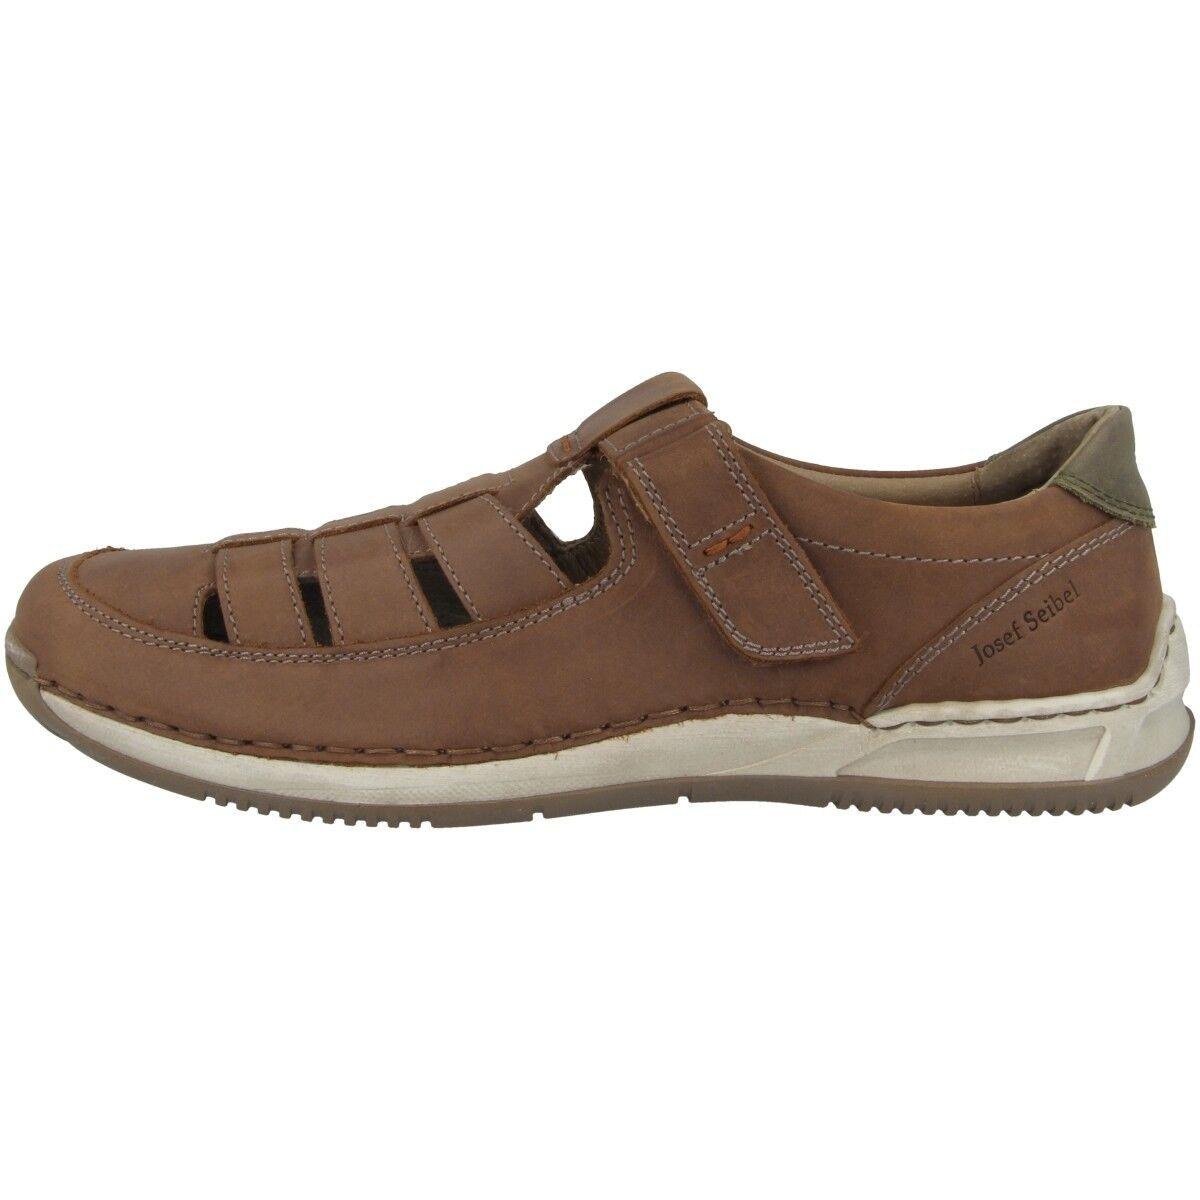 Josef Seibel Matthias 13 shoes men Comfort Pantofola 51213-142-351